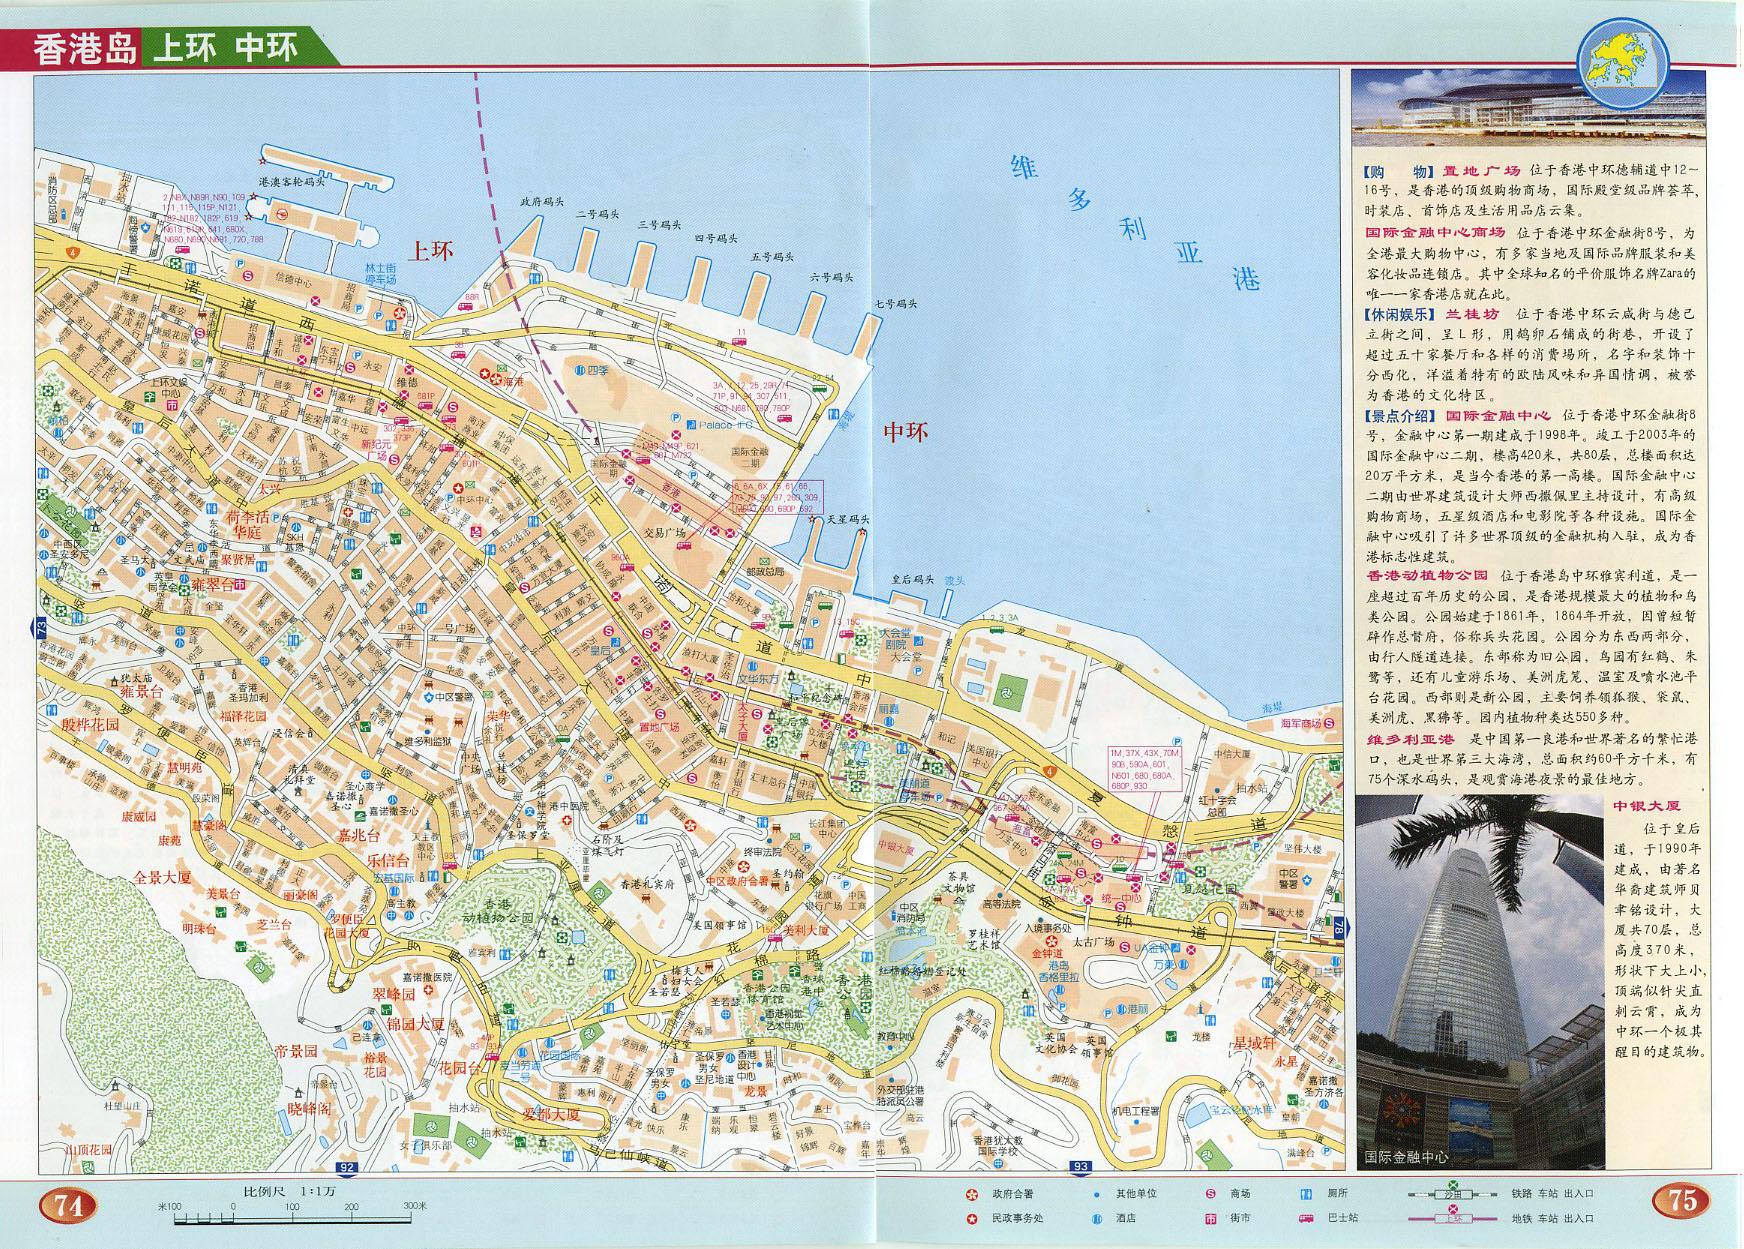 香港岛 上环地图高清版